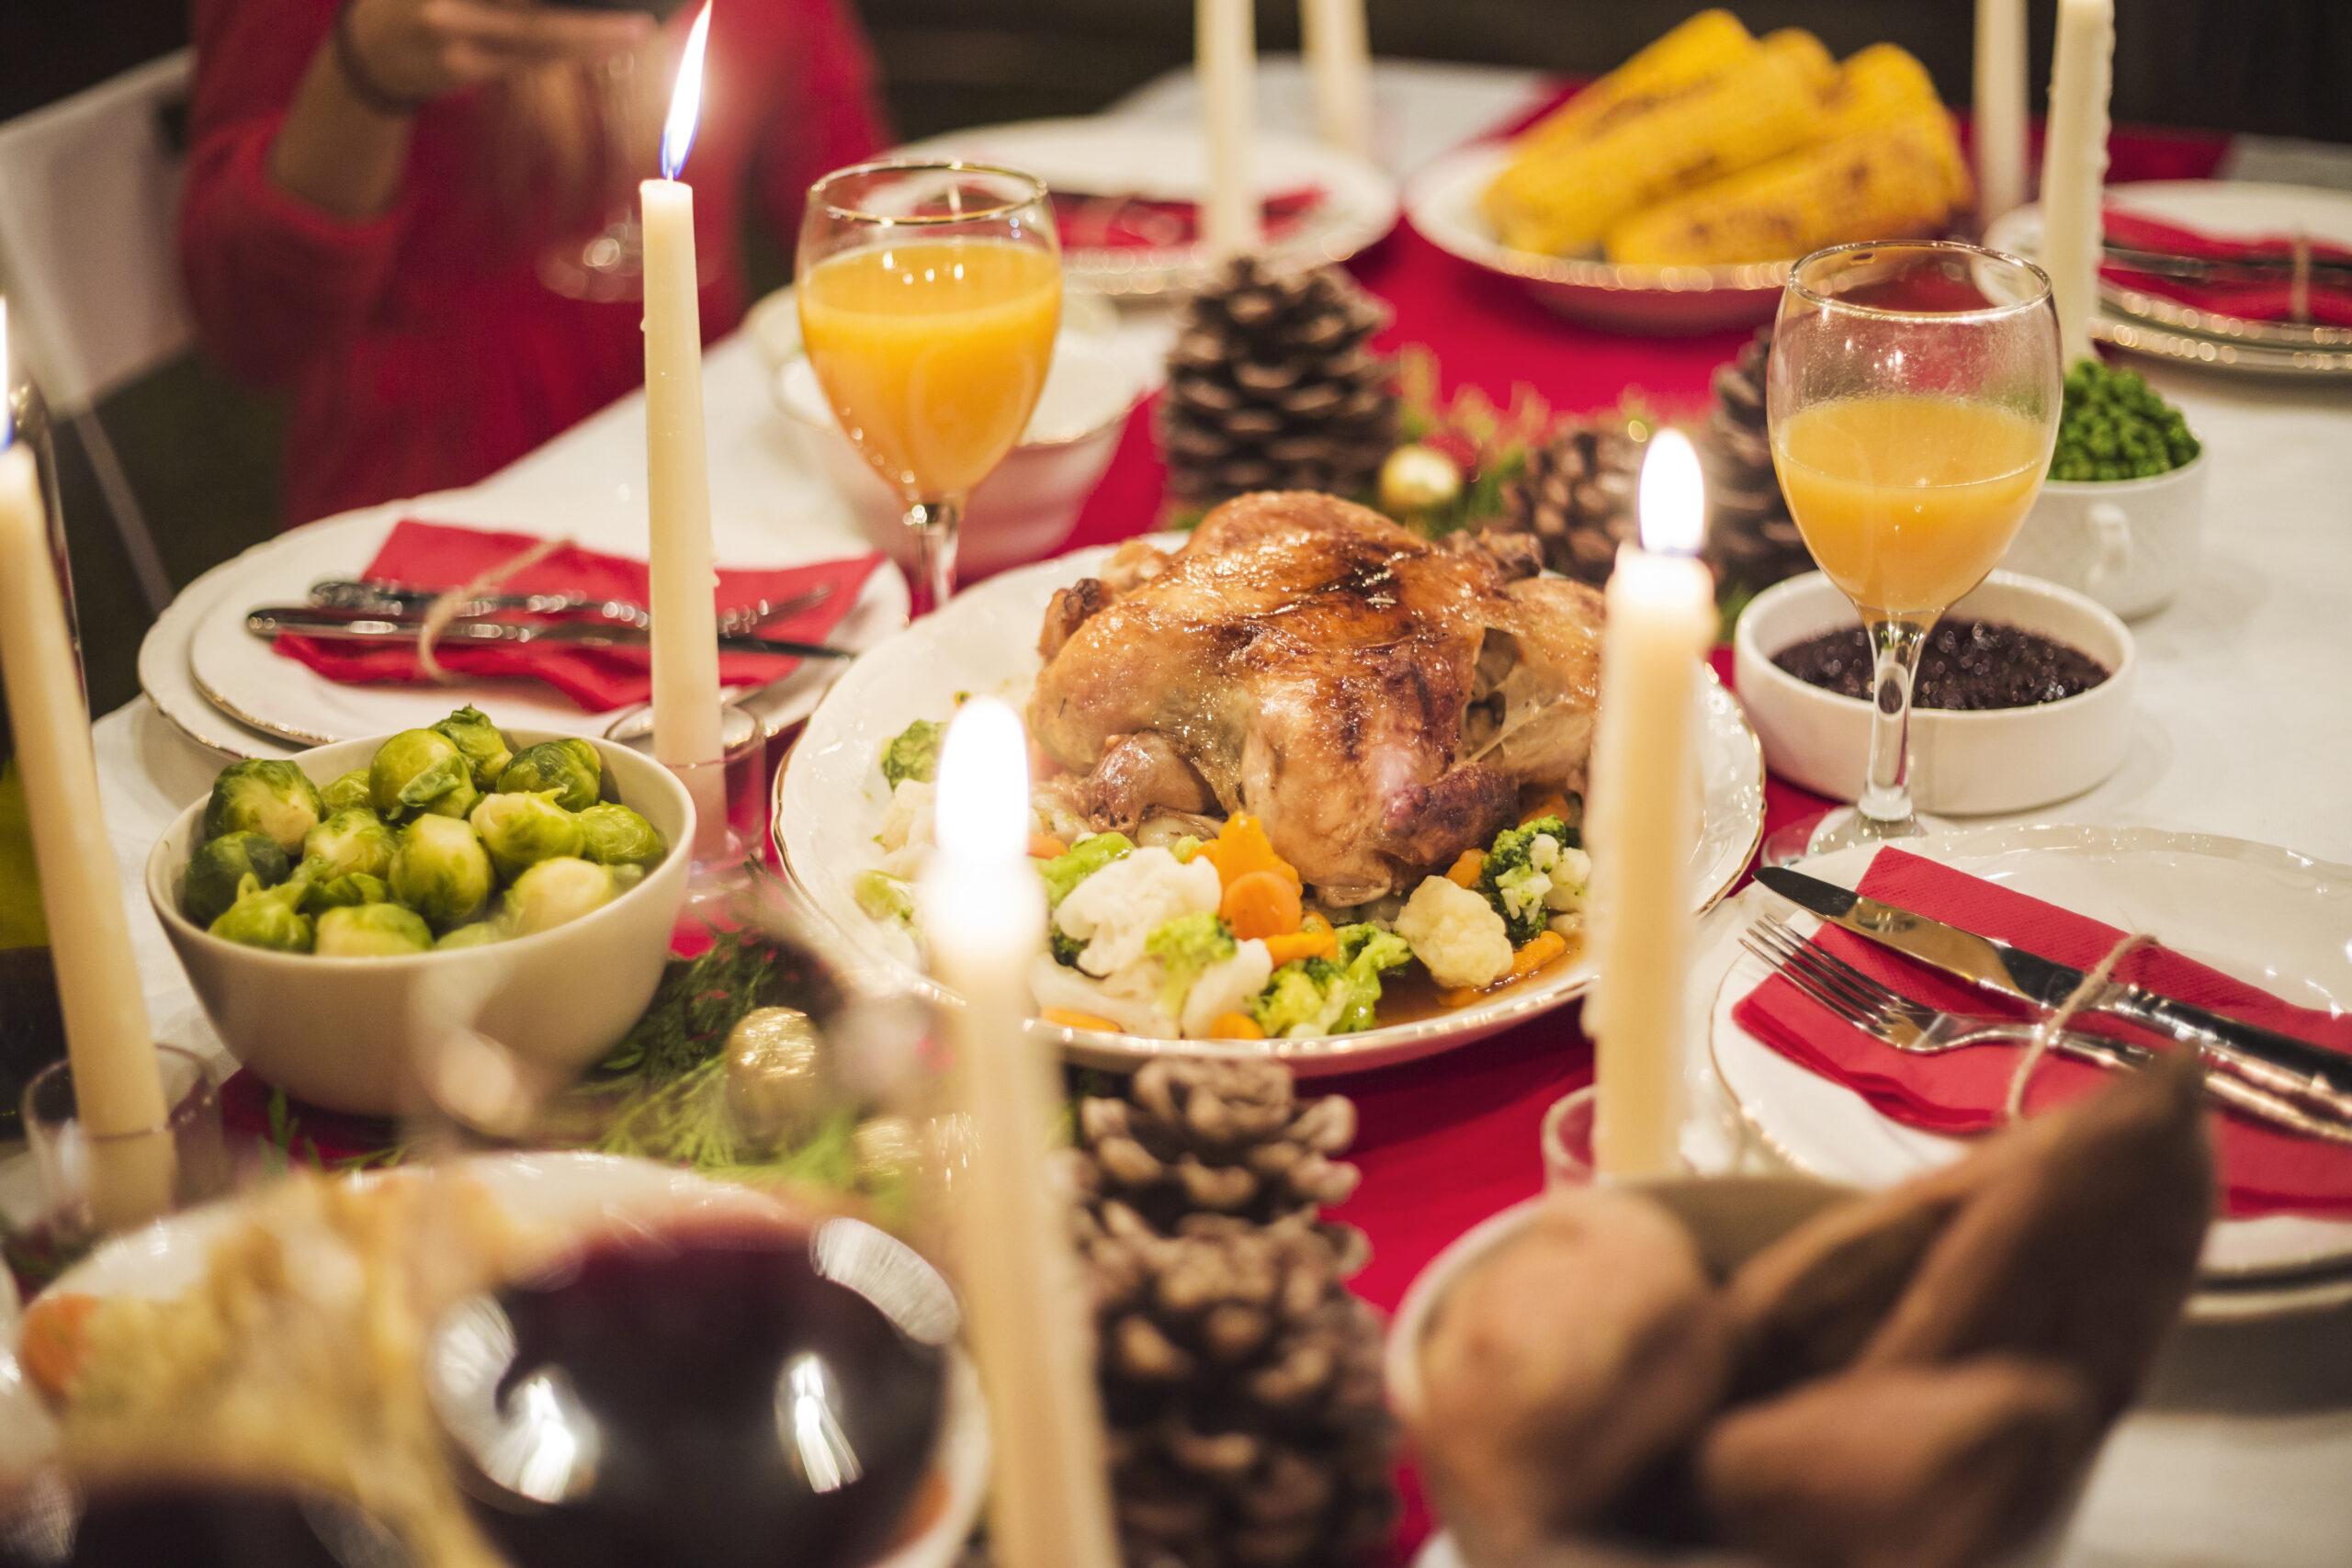 cocina las mejores recetas navideñas con AOVE como protagonista